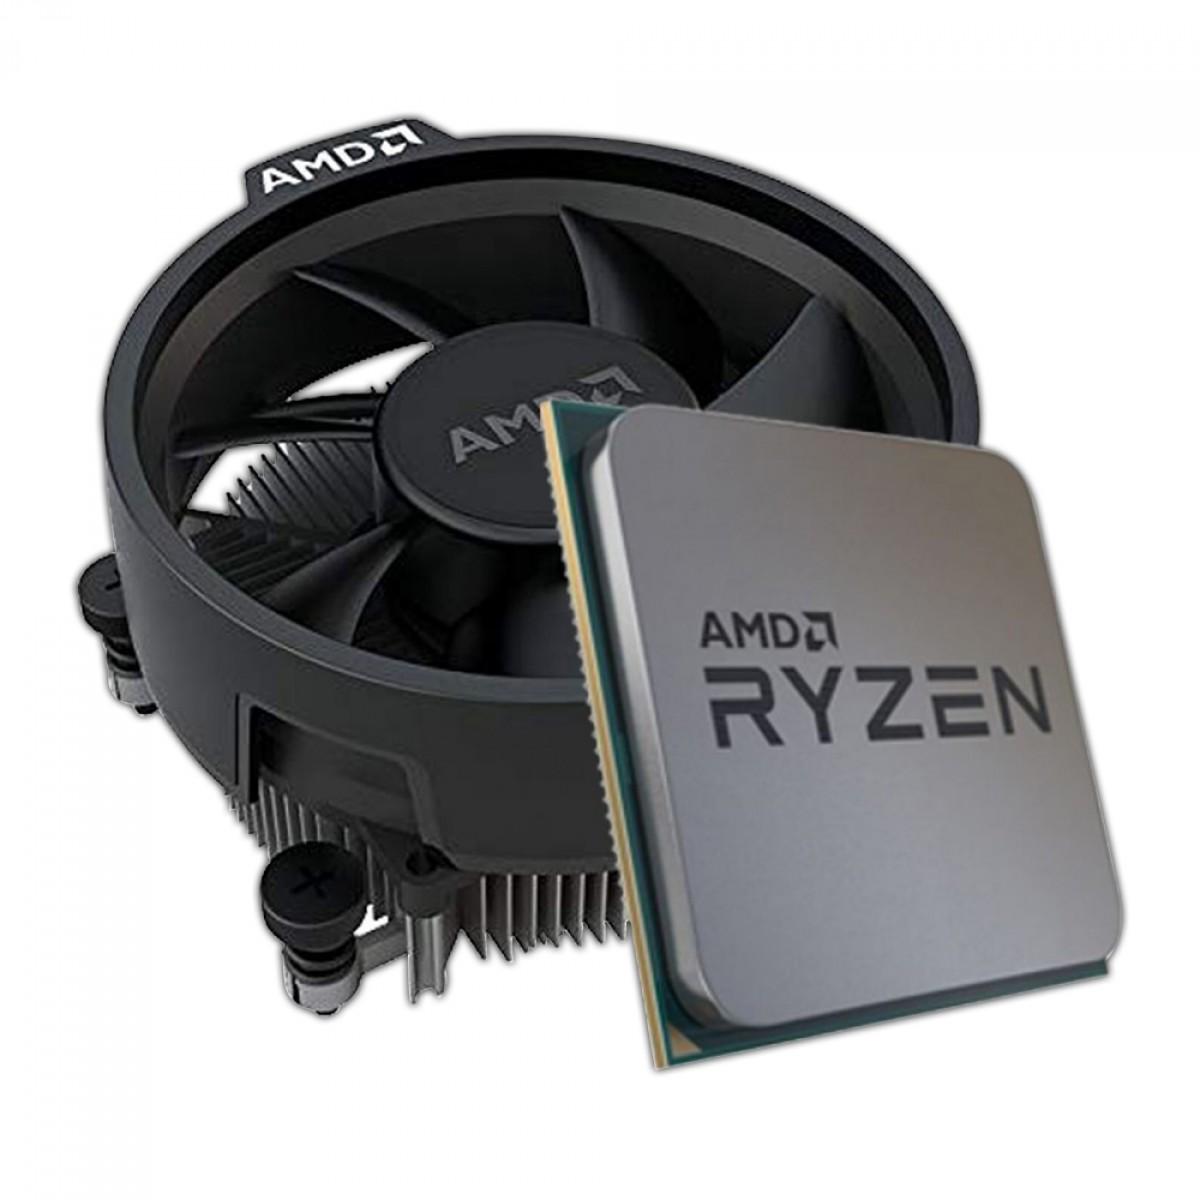 Kit Upgrade Gigabyte B450M Gaming  + AMD Ryzen 5 3400G 3.7GHz + Geil Evo Potenza DDR4 8GB 3000MHz